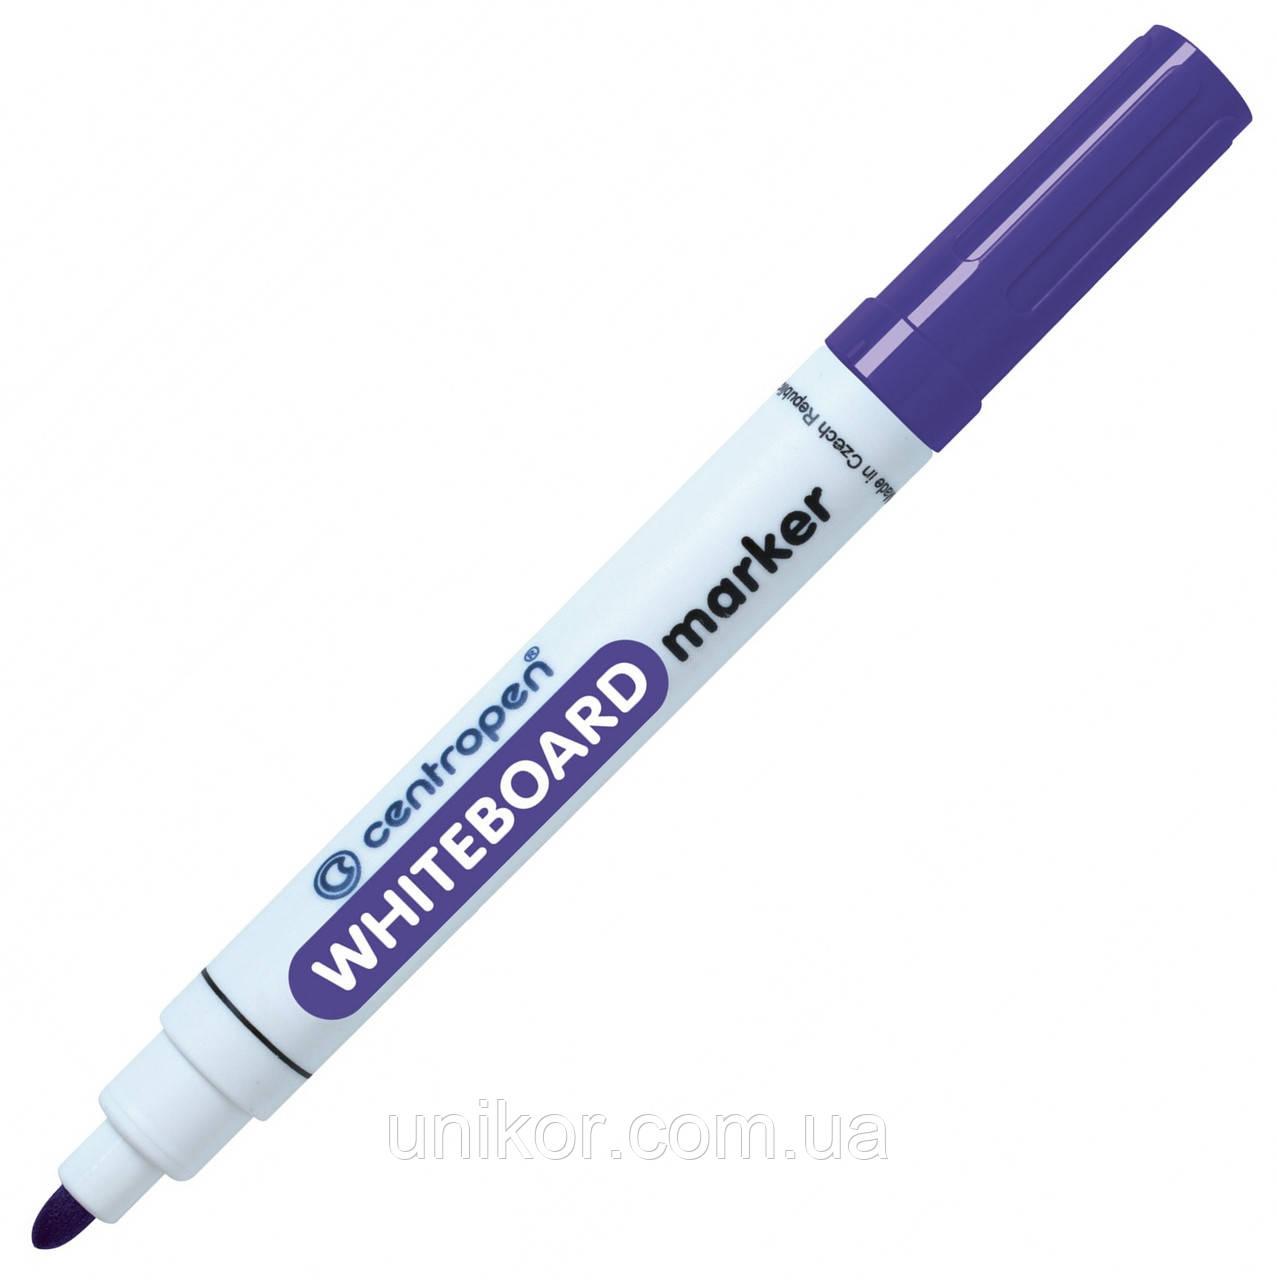 Маркер для сухостираемых досок, 2.5 мм., фиолетовый. CENTROPEN